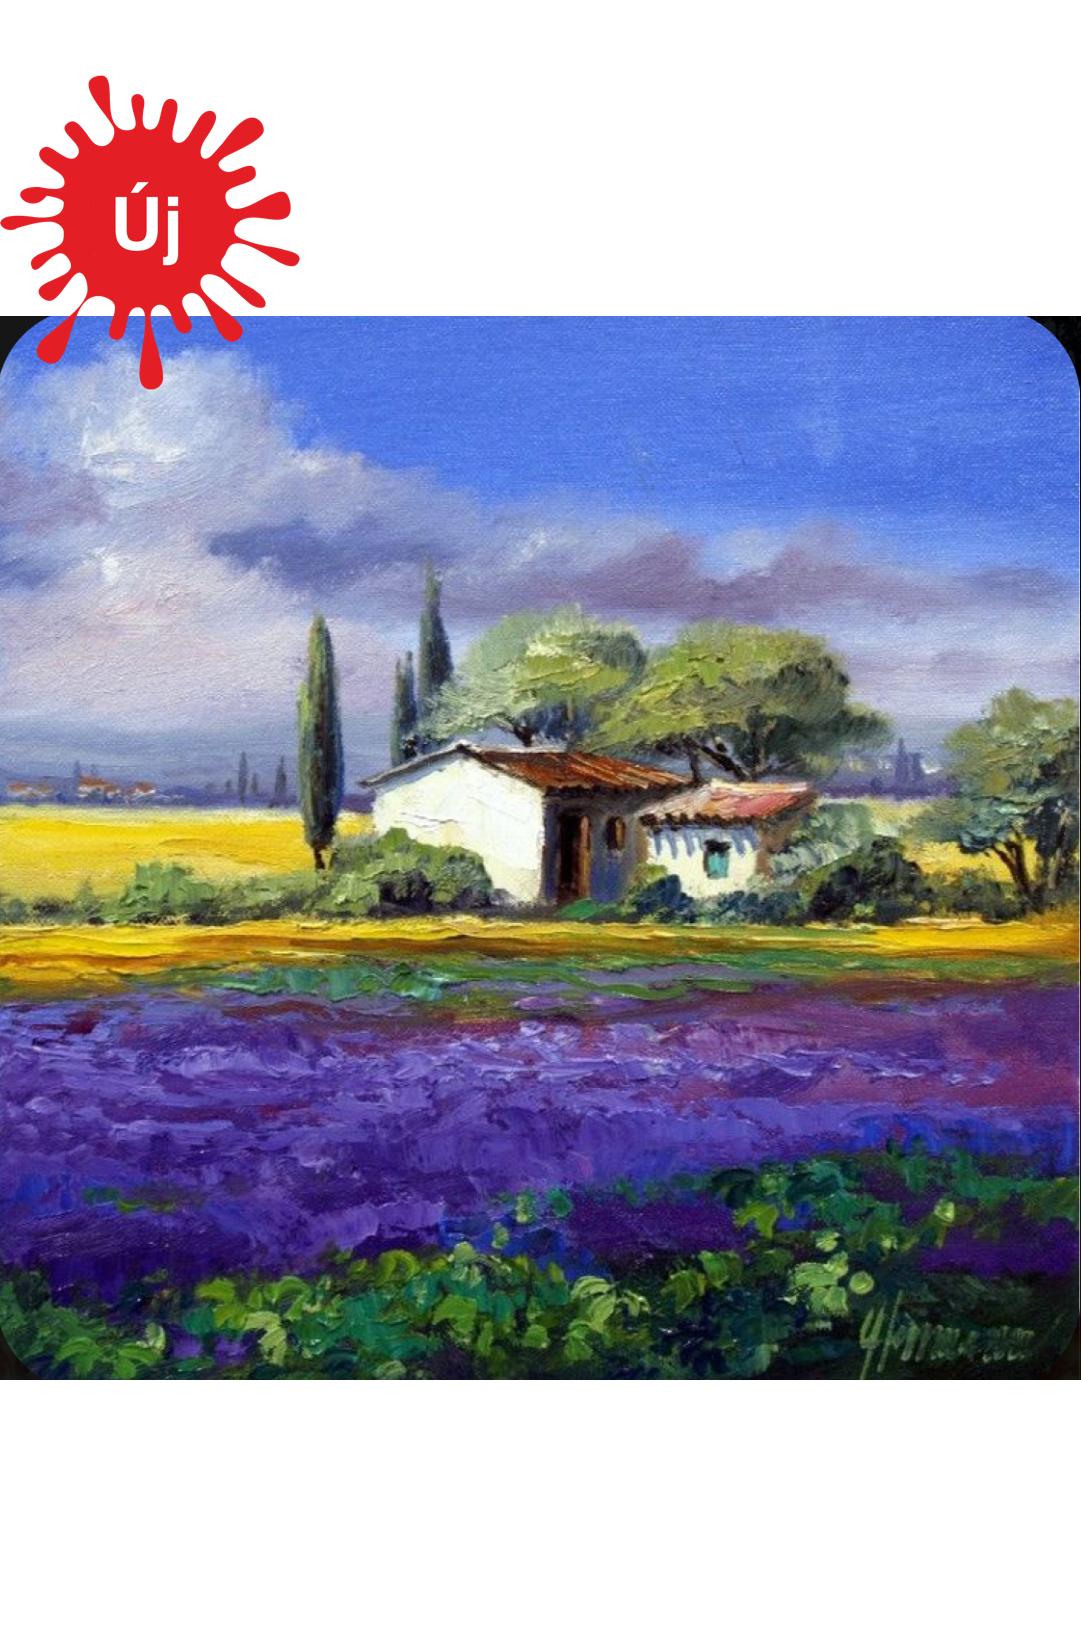 Levendulamező a házikóval - YourArt - Otthoni élményfestő szett